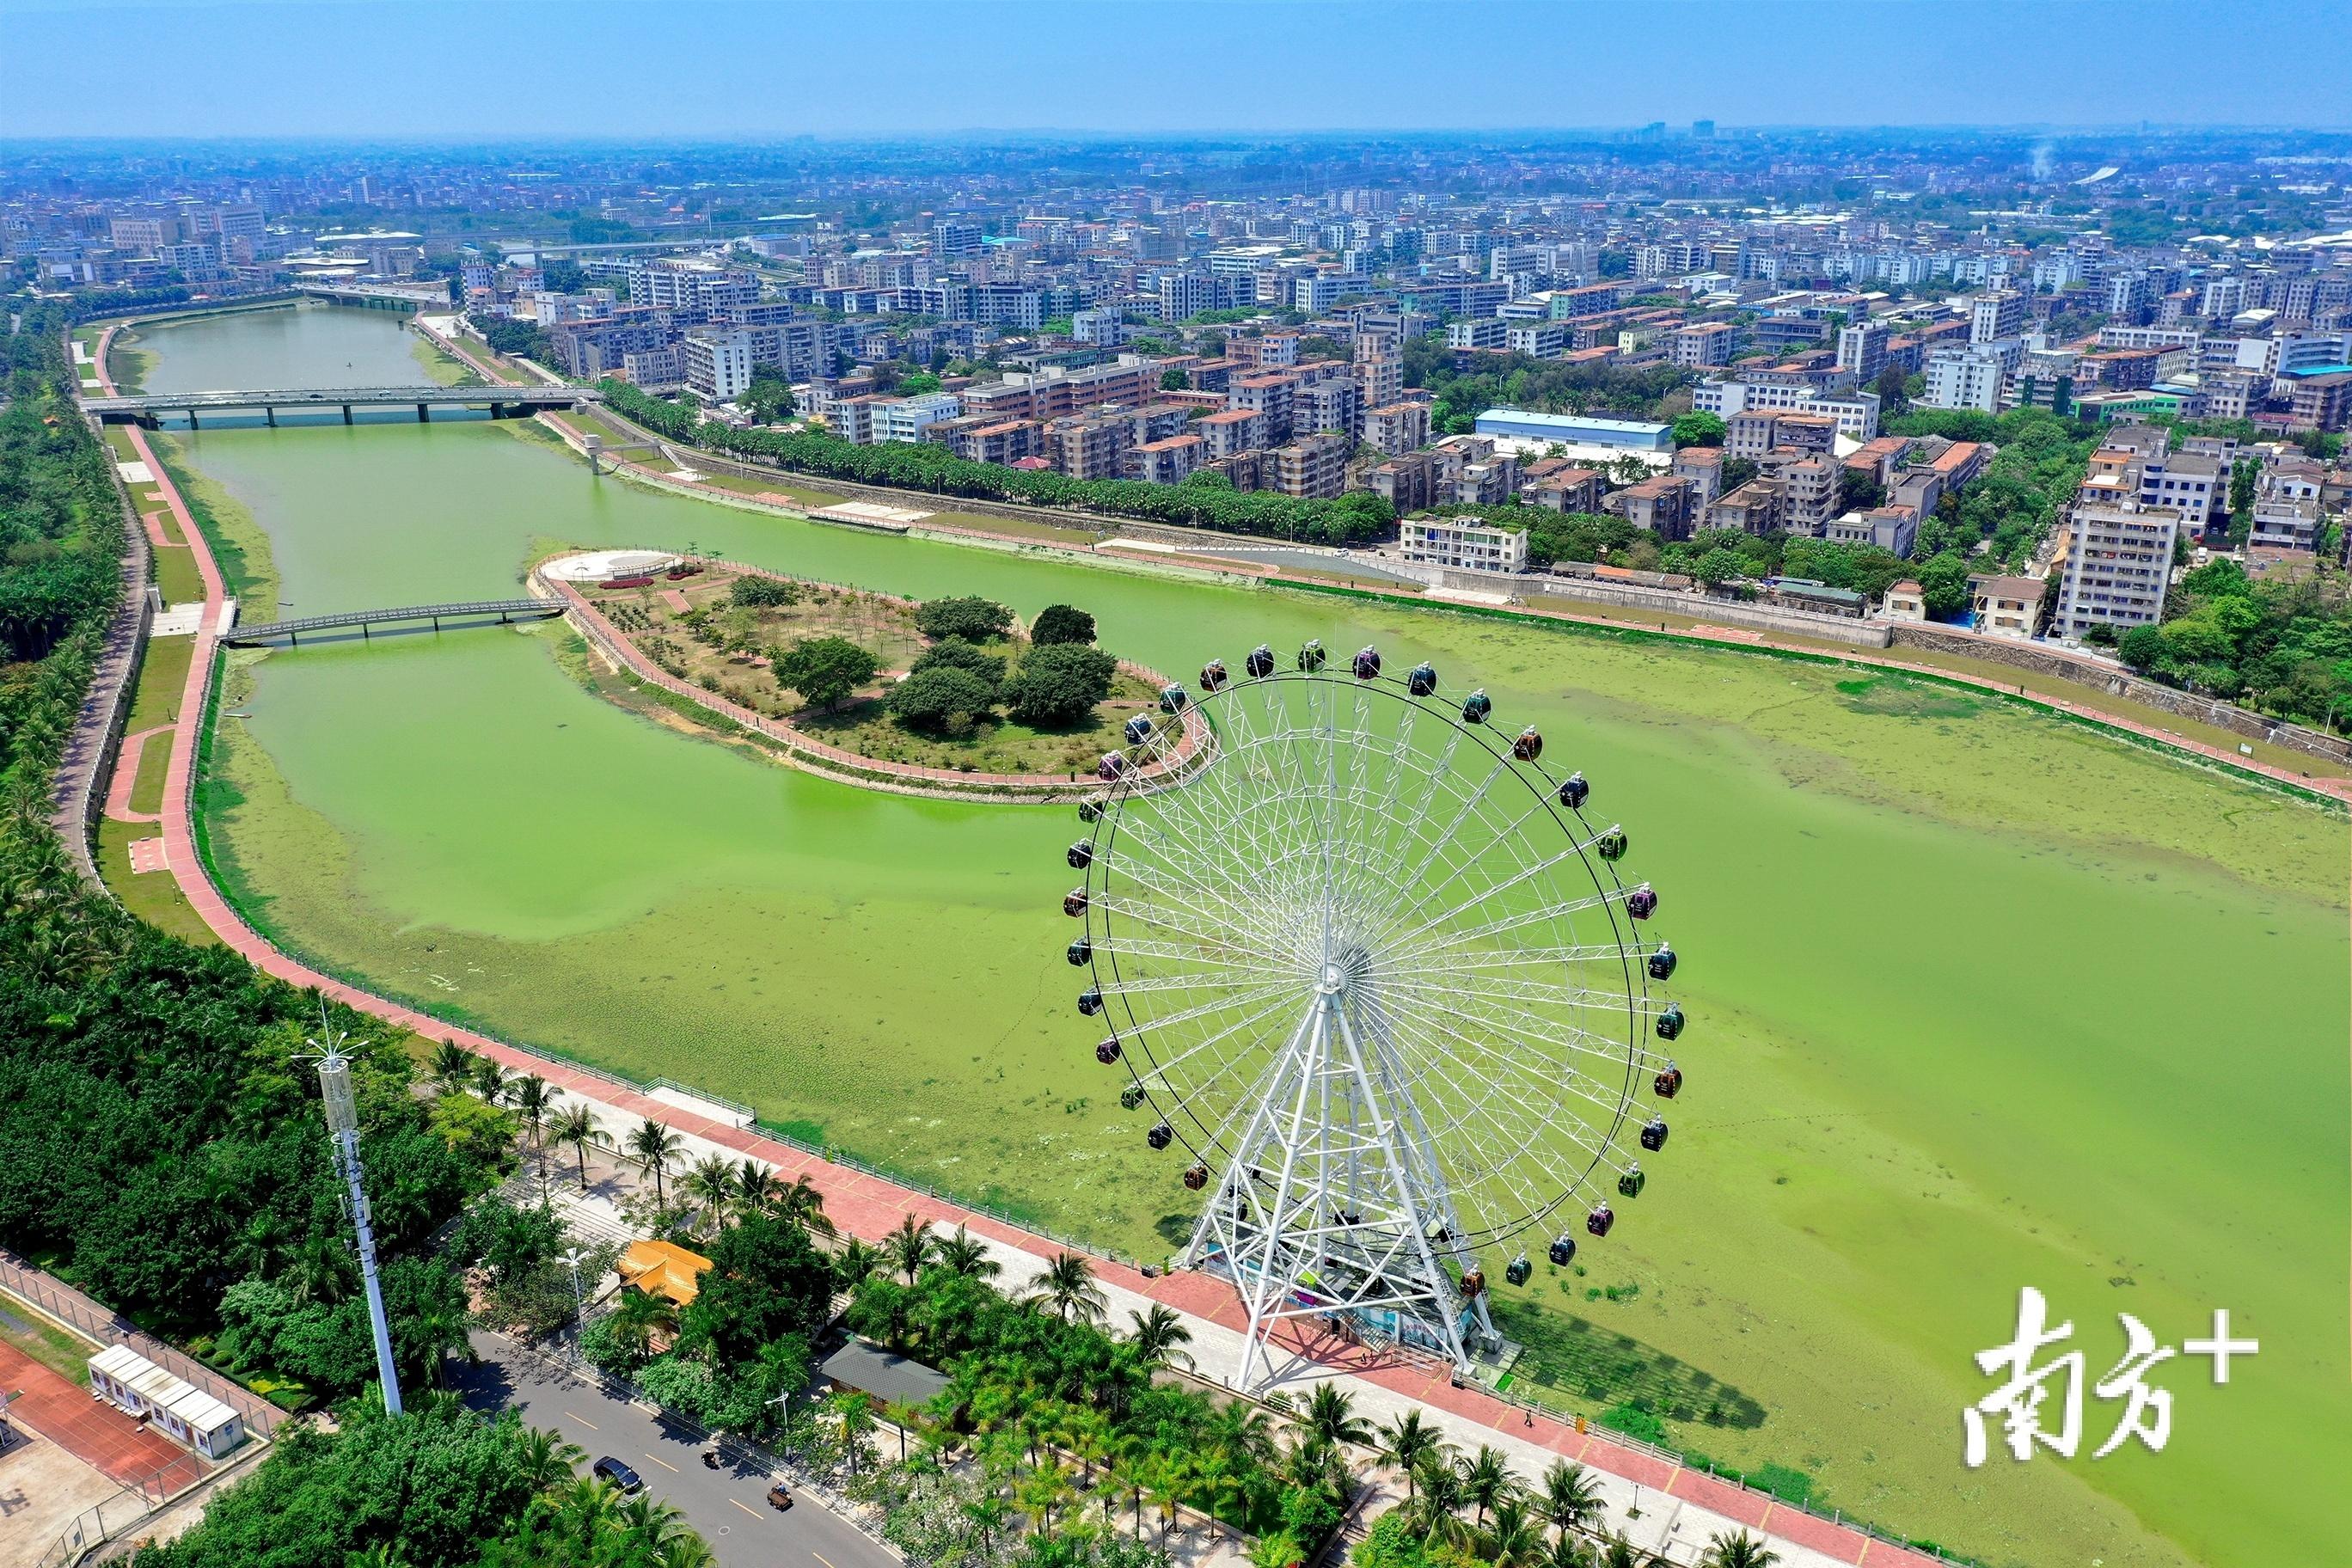 未来河东片区的绿道将穿越小东江畔与河西片区串联成网。